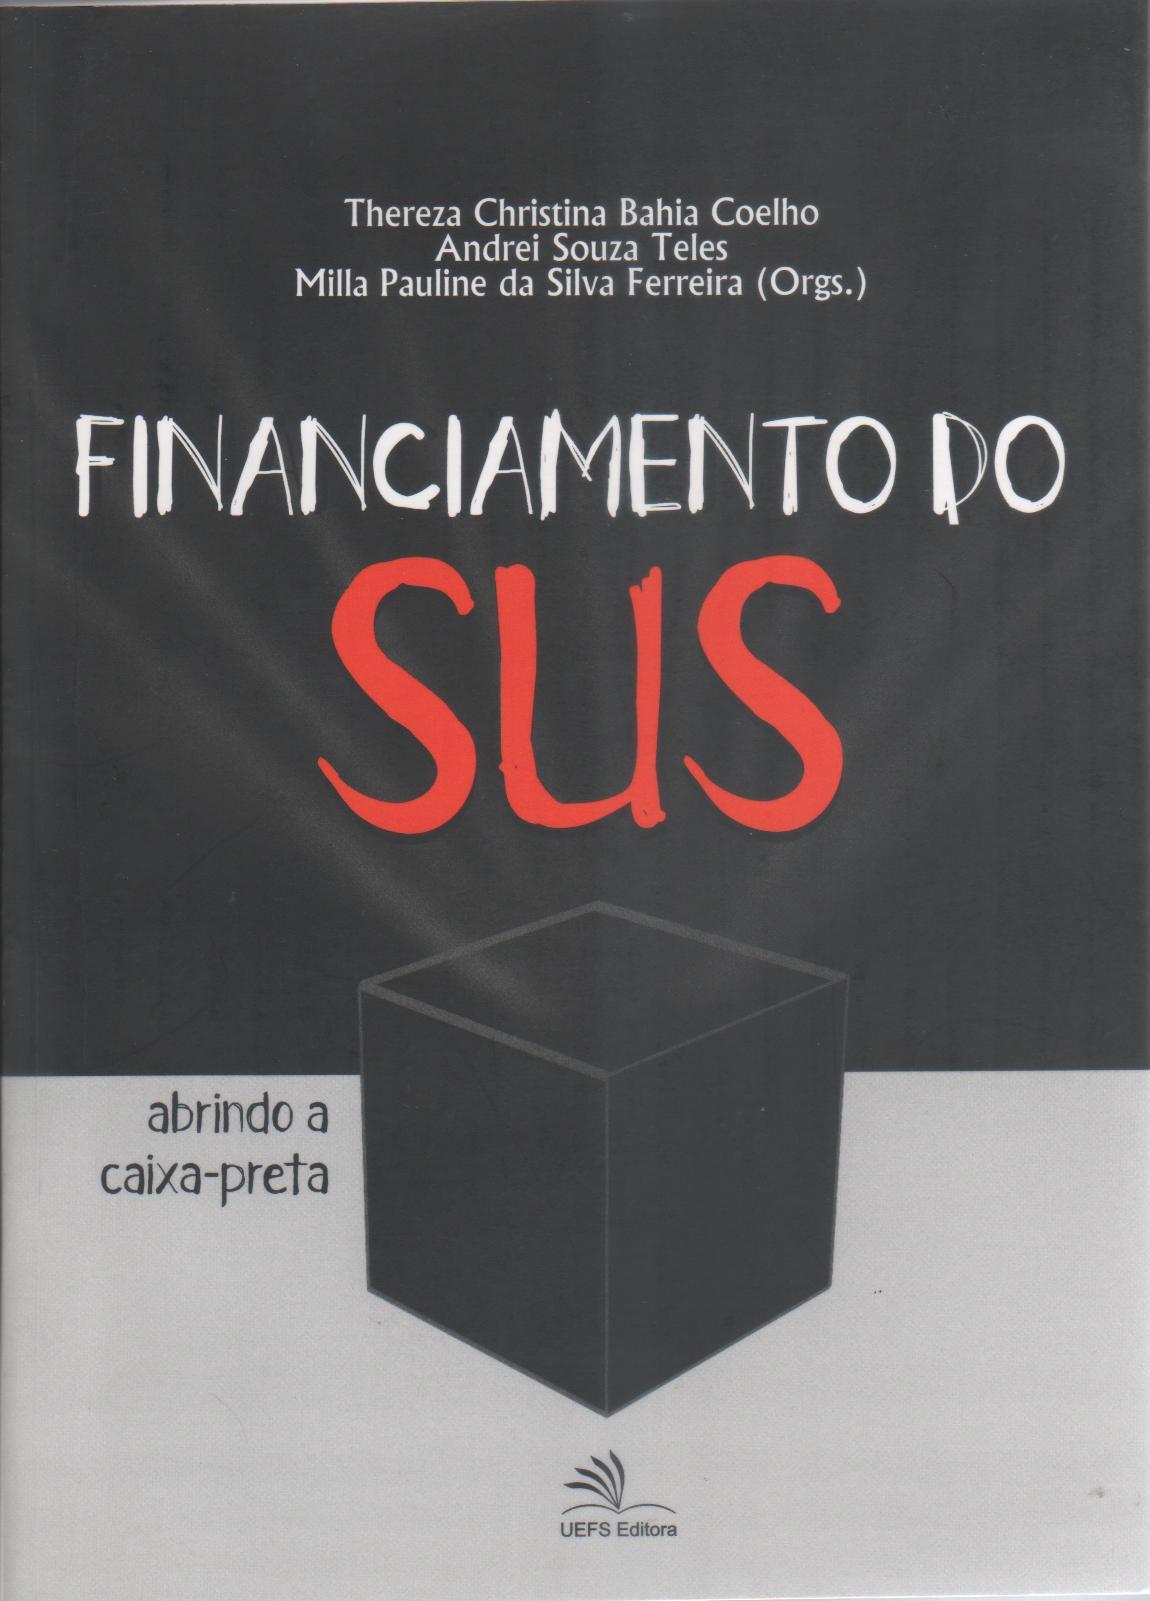 Financiamento do SUS: abrindo a caixa preta, livro de Thereza Christina Bahia Coelho, Andrei Souza Teles, Milla Pauline da Silva Ferreira (orgs.)